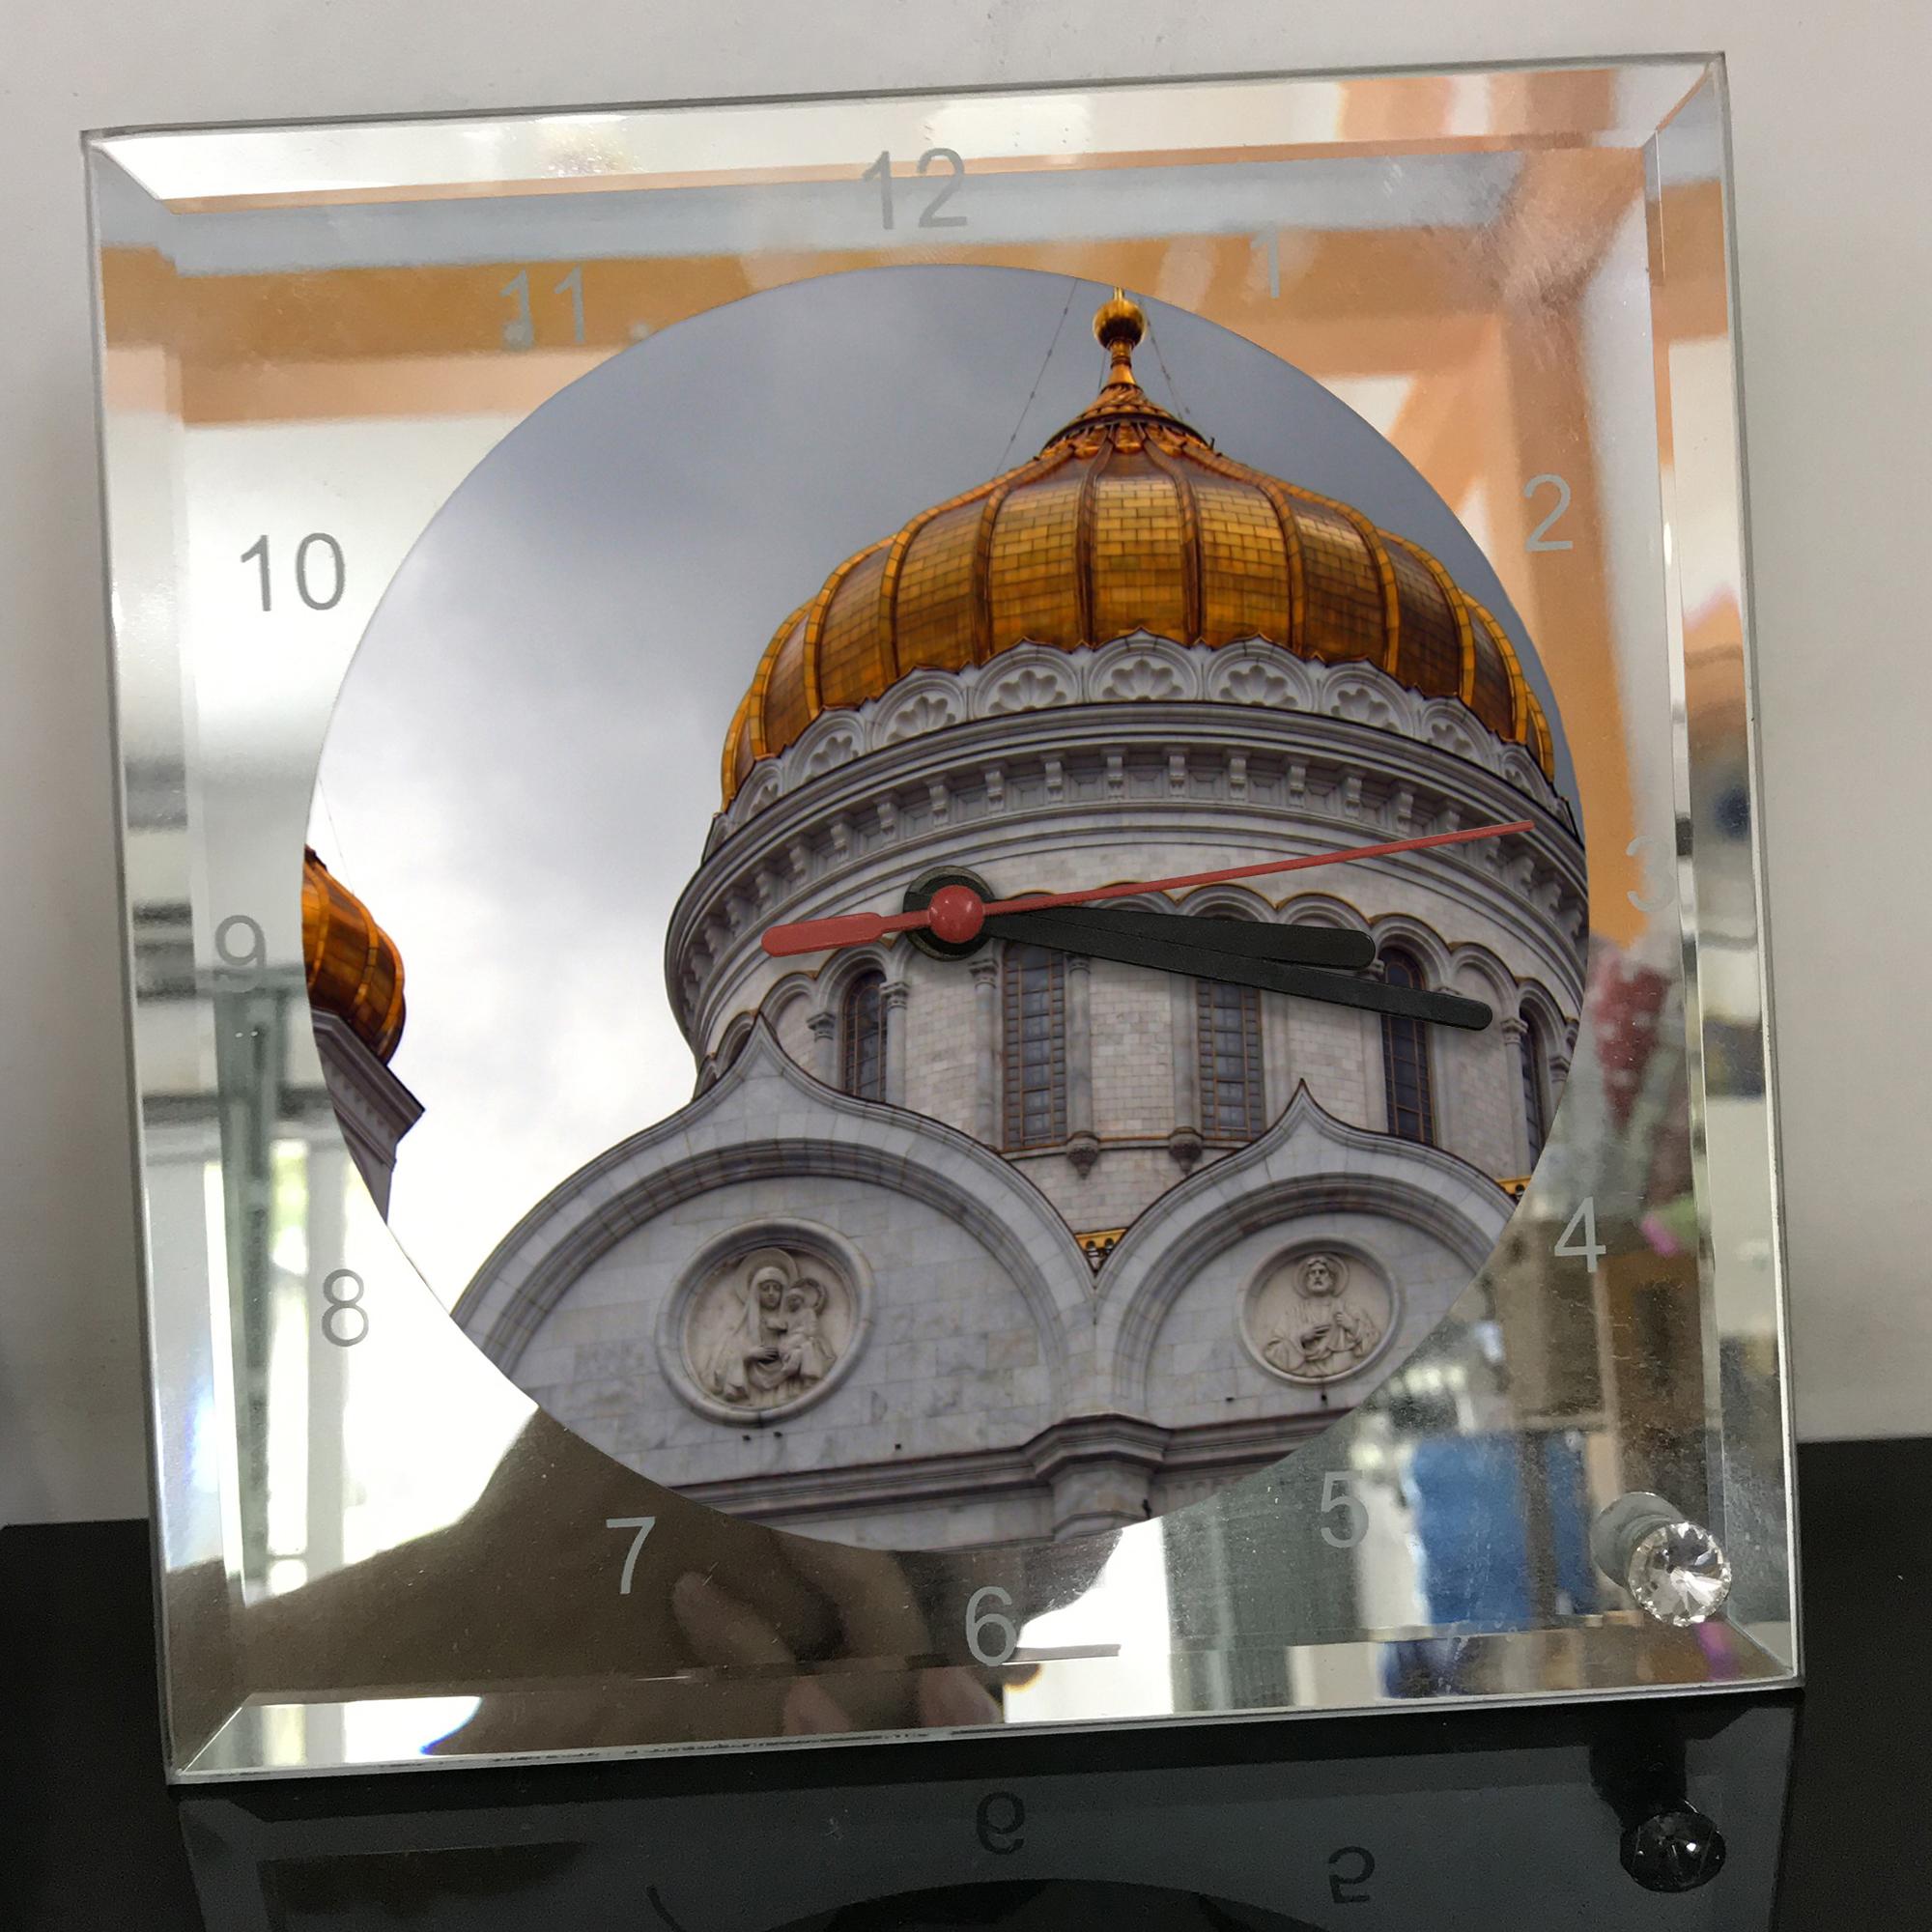 Đồng hồ thủy tinh vuông 20x20 in hình Cathedral Of Christ the saviour (24) . Đồng hồ thủy tinh để bàn trang trí đẹp chủ đề tôn giáo